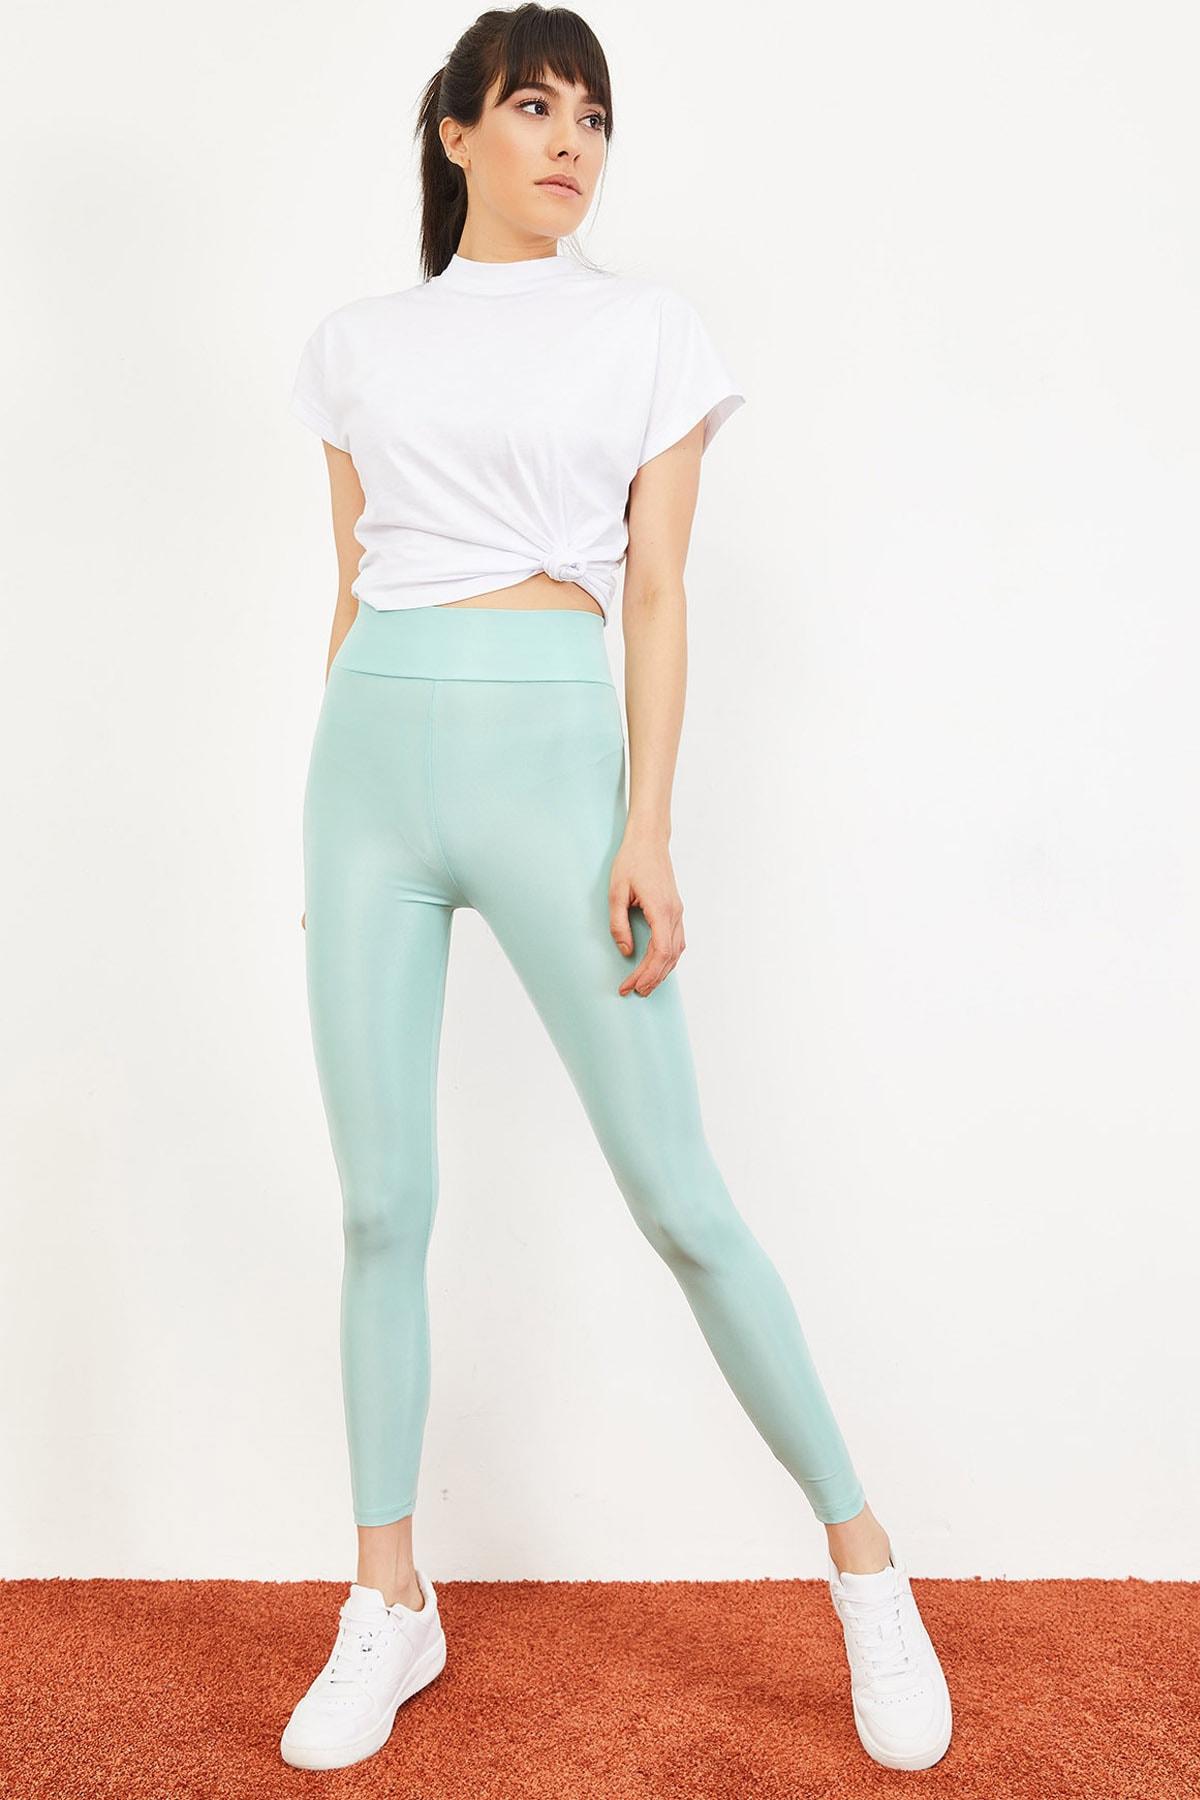 Bianco Lucci Kadın Mint Yeşili Uzun Kemerli Toparlayıcı Parlak Disko Tayt Fitness 2253399 2